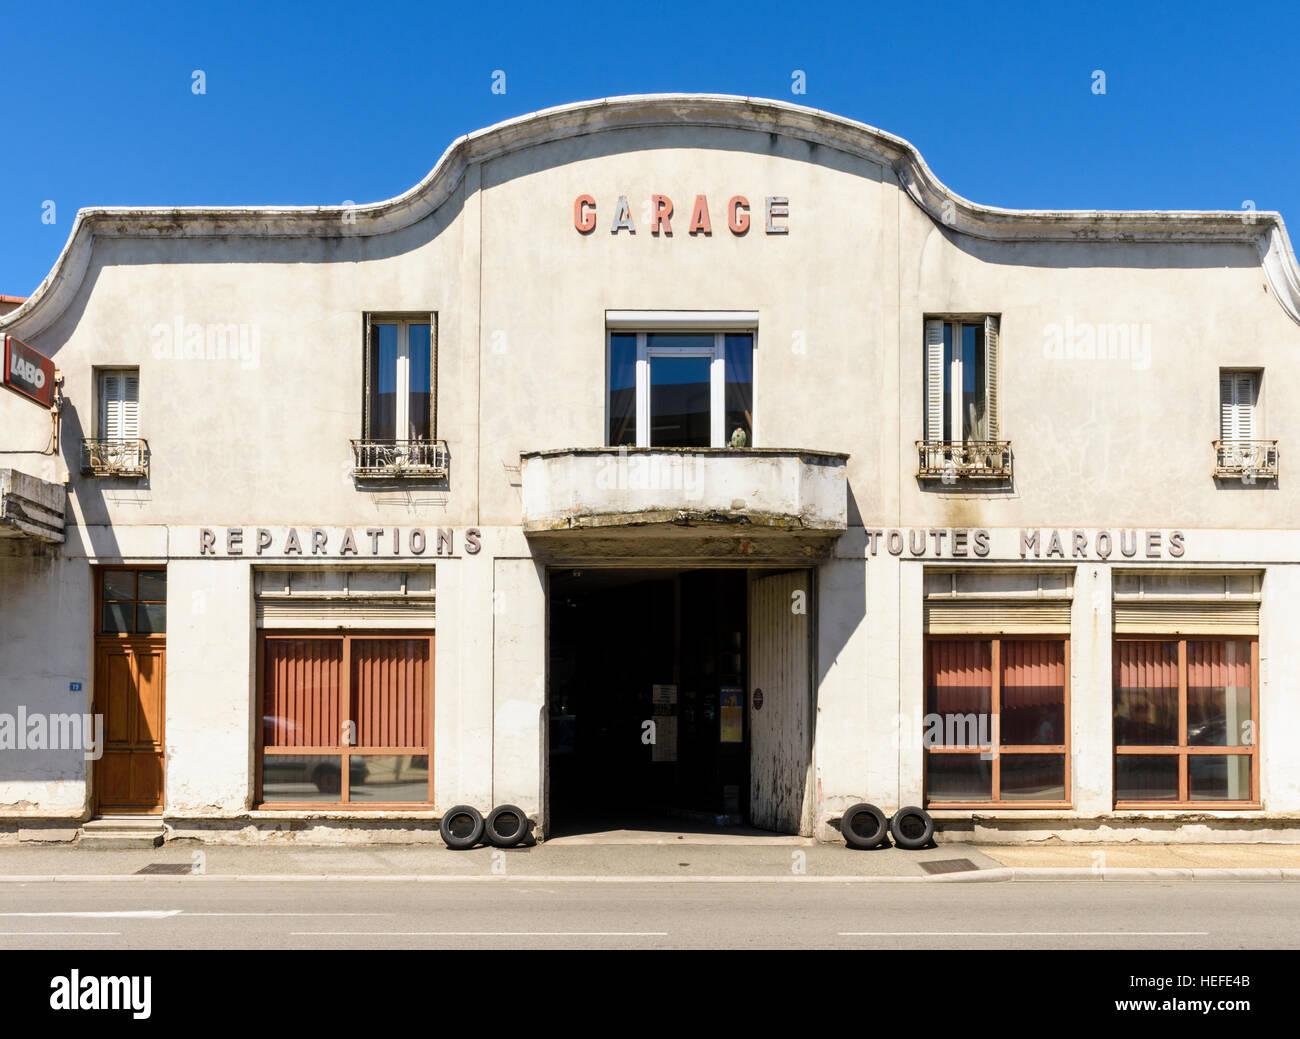 Il vecchio negozio di riparazioni auto garage a Tain-l'Hermitage, Drôme, Auvergne-Rhône-Alpes, Francia Immagini Stock